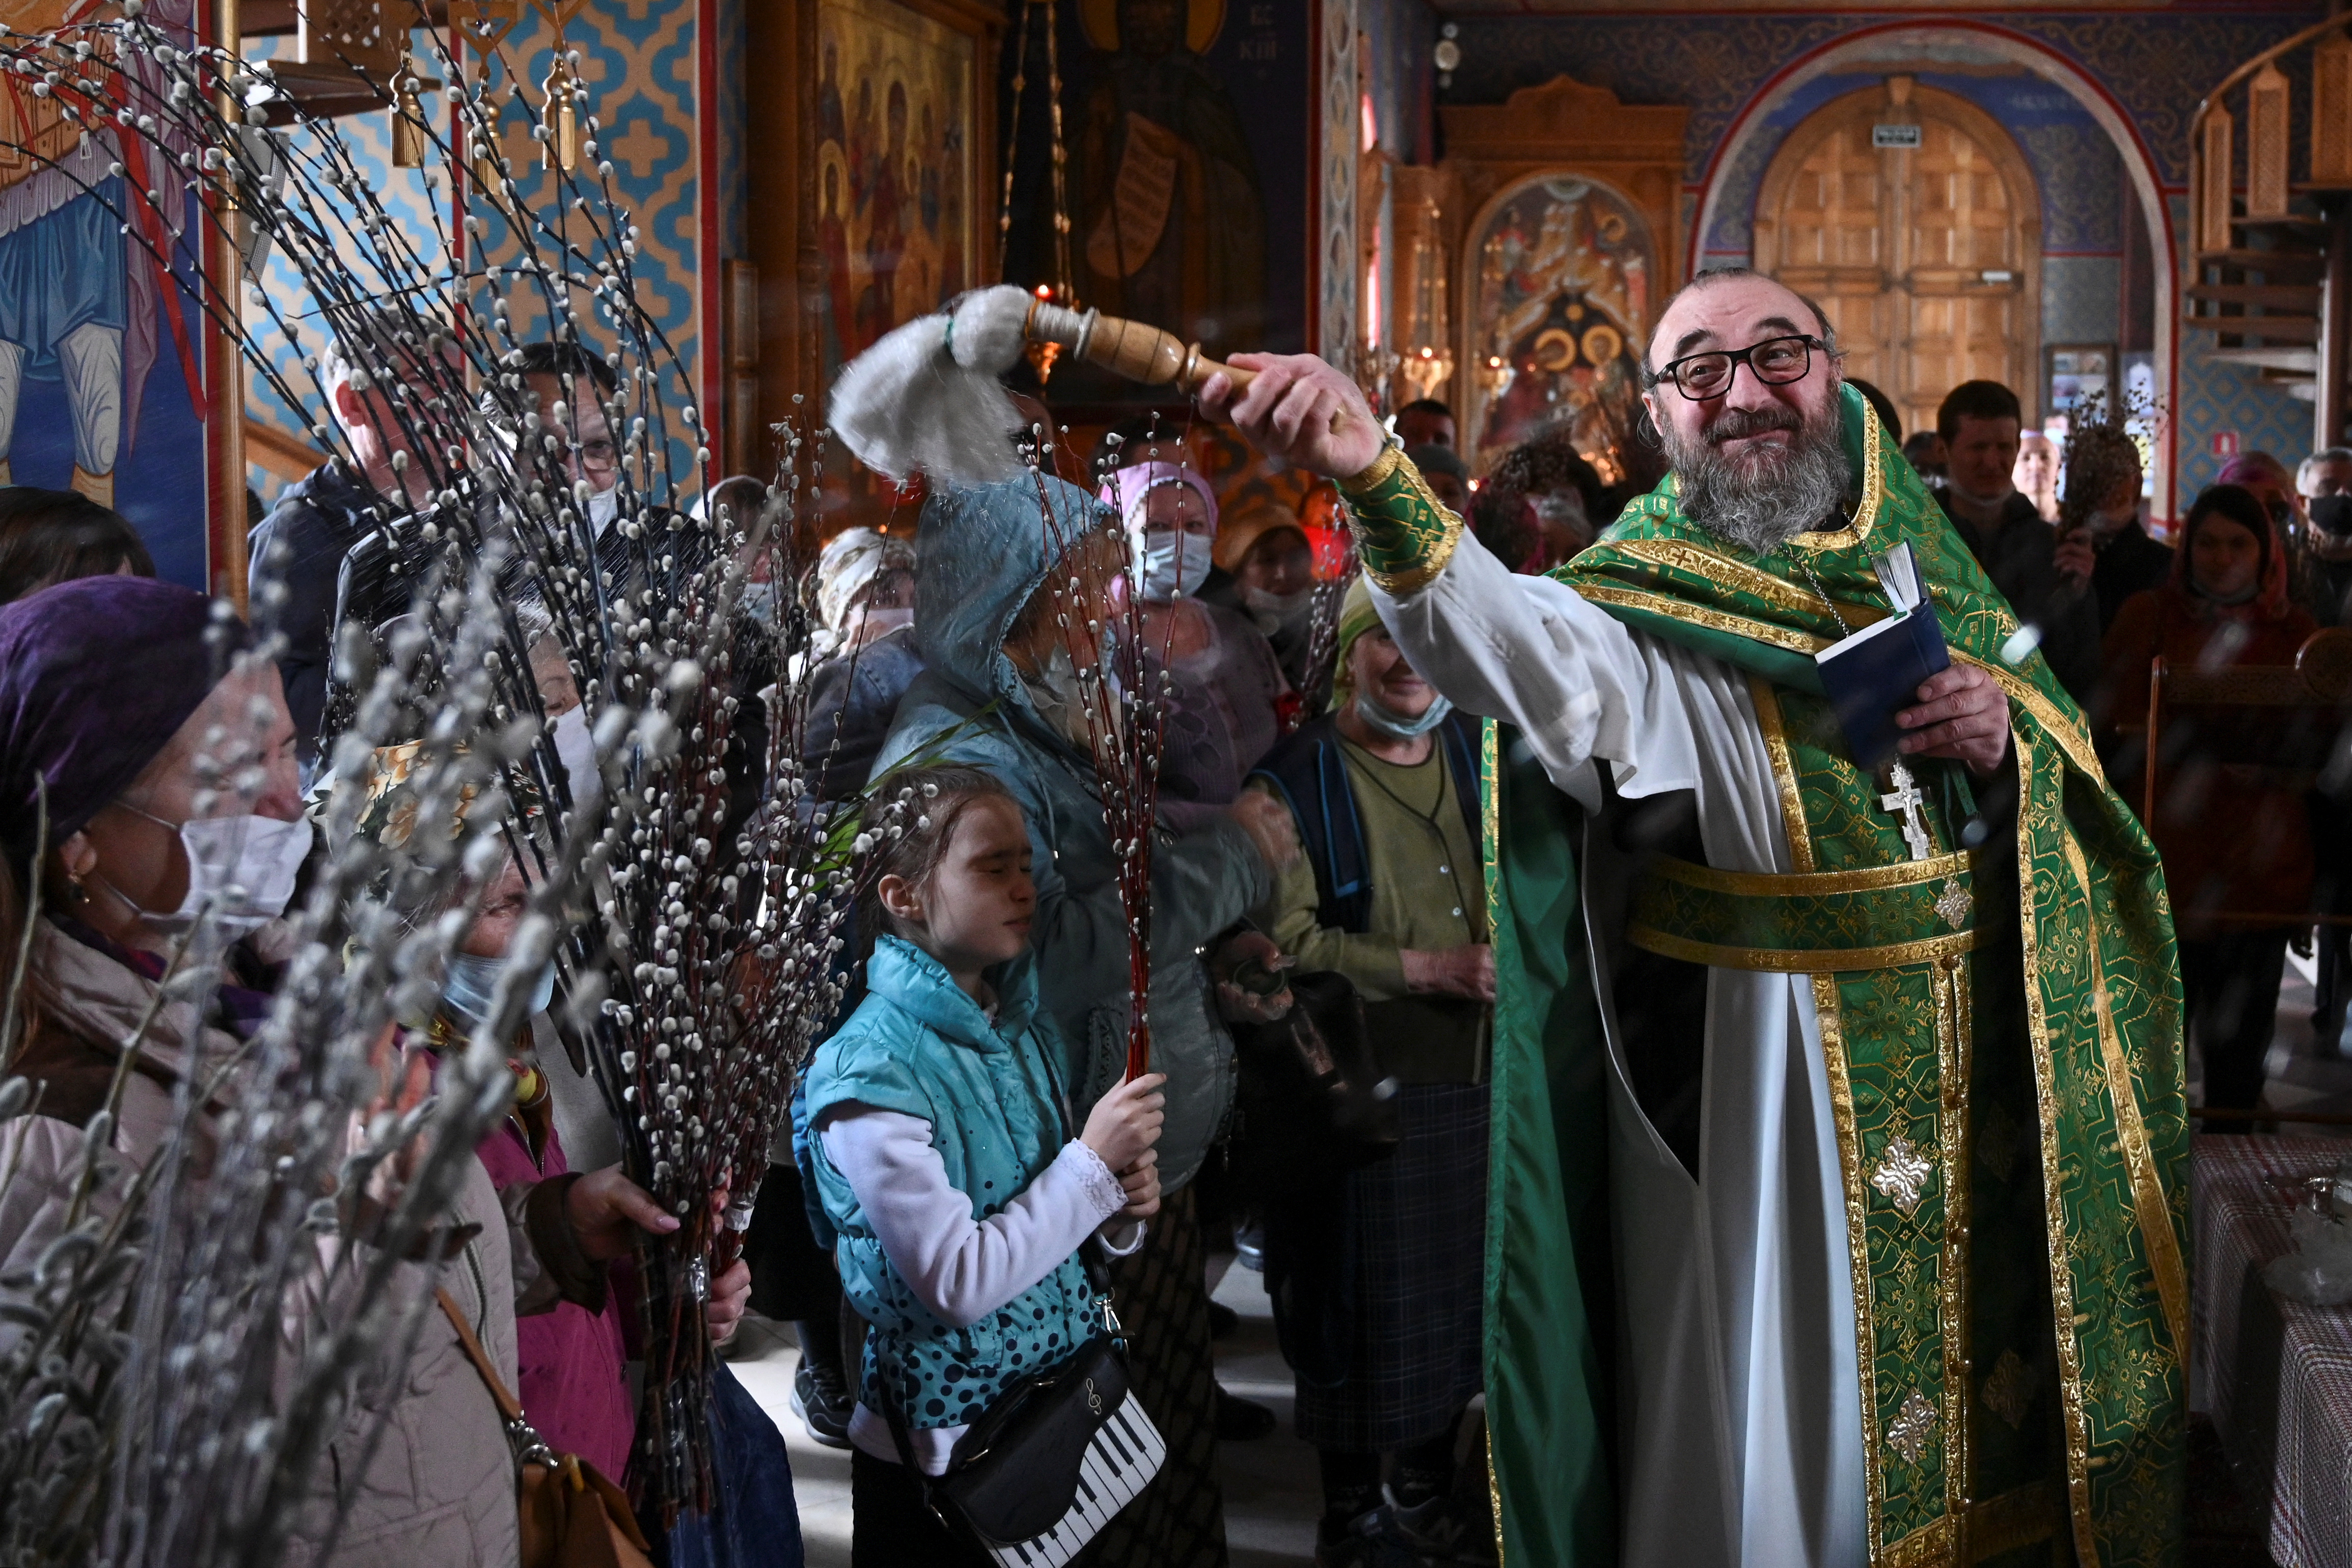 RUSIA - Un cura ortodóxo ruso bendice a sus feligreses en Rostov-on-Don